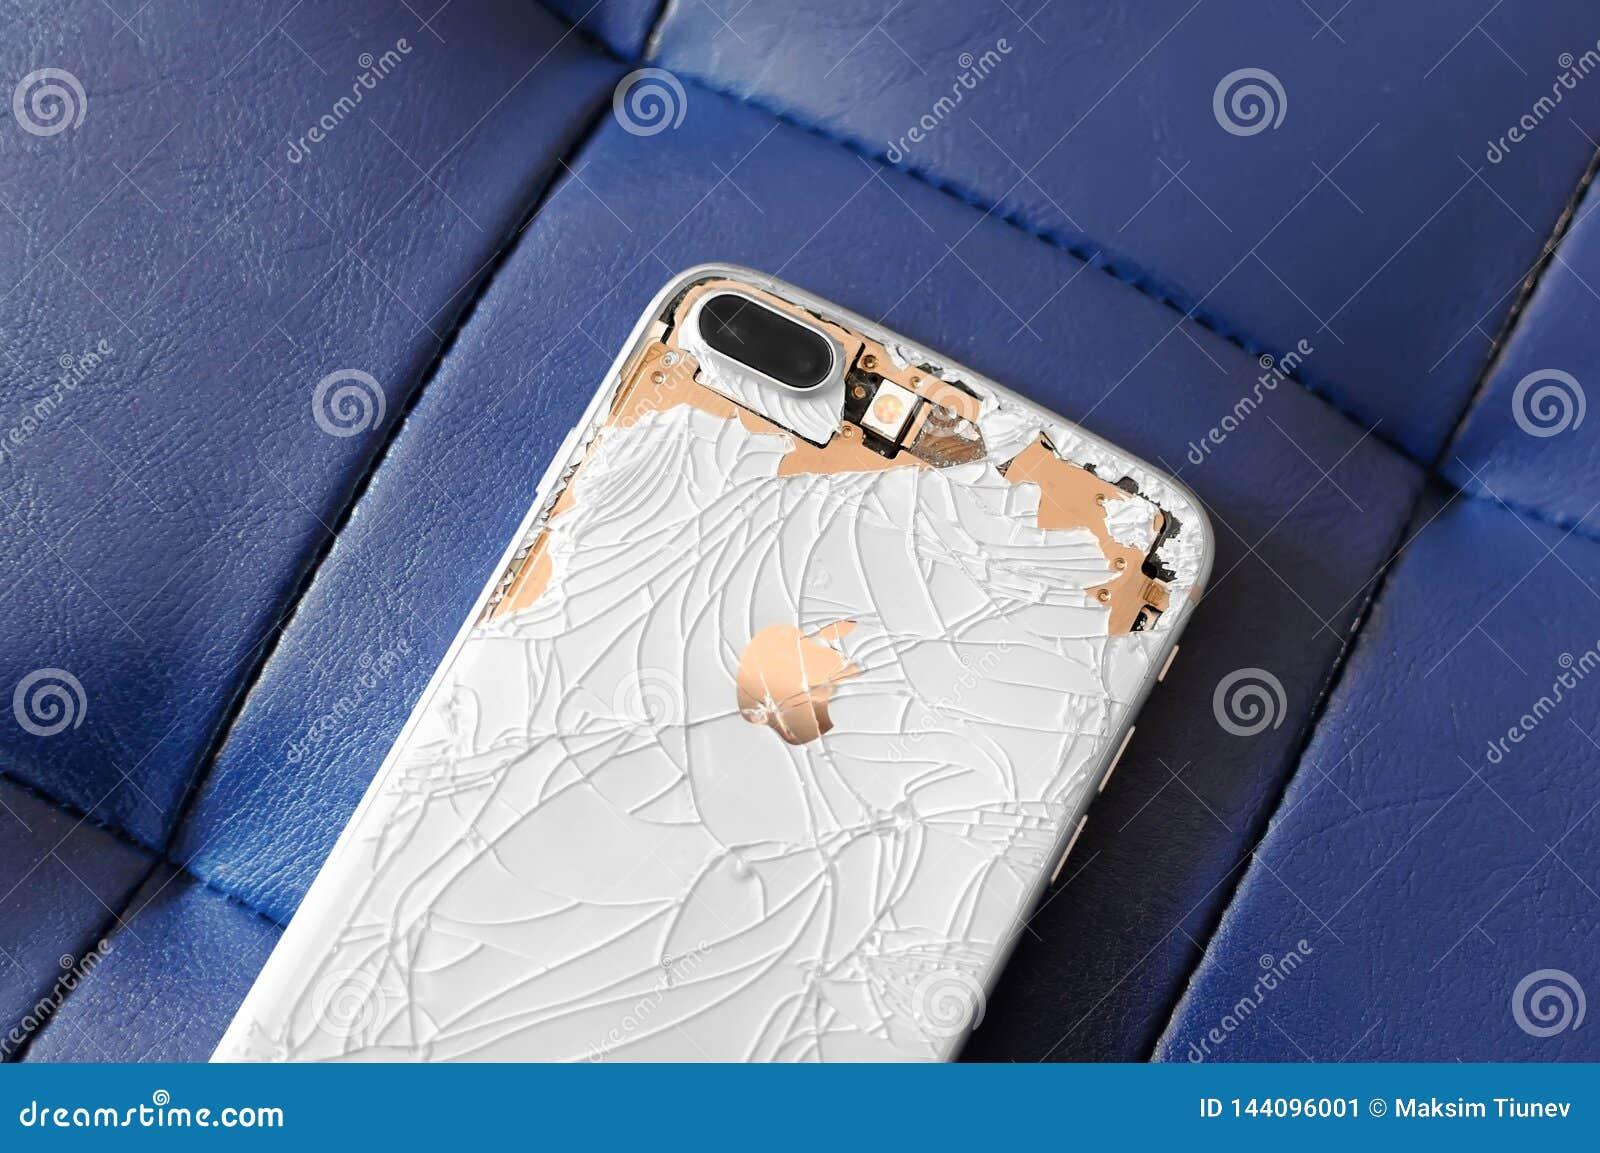 VISAGINAS LITAUEN - MARS 30, 2019: Den tillbaka sidan av en bruten iPhone 8 plus är vit, och guld- på en blått piska bakgrund